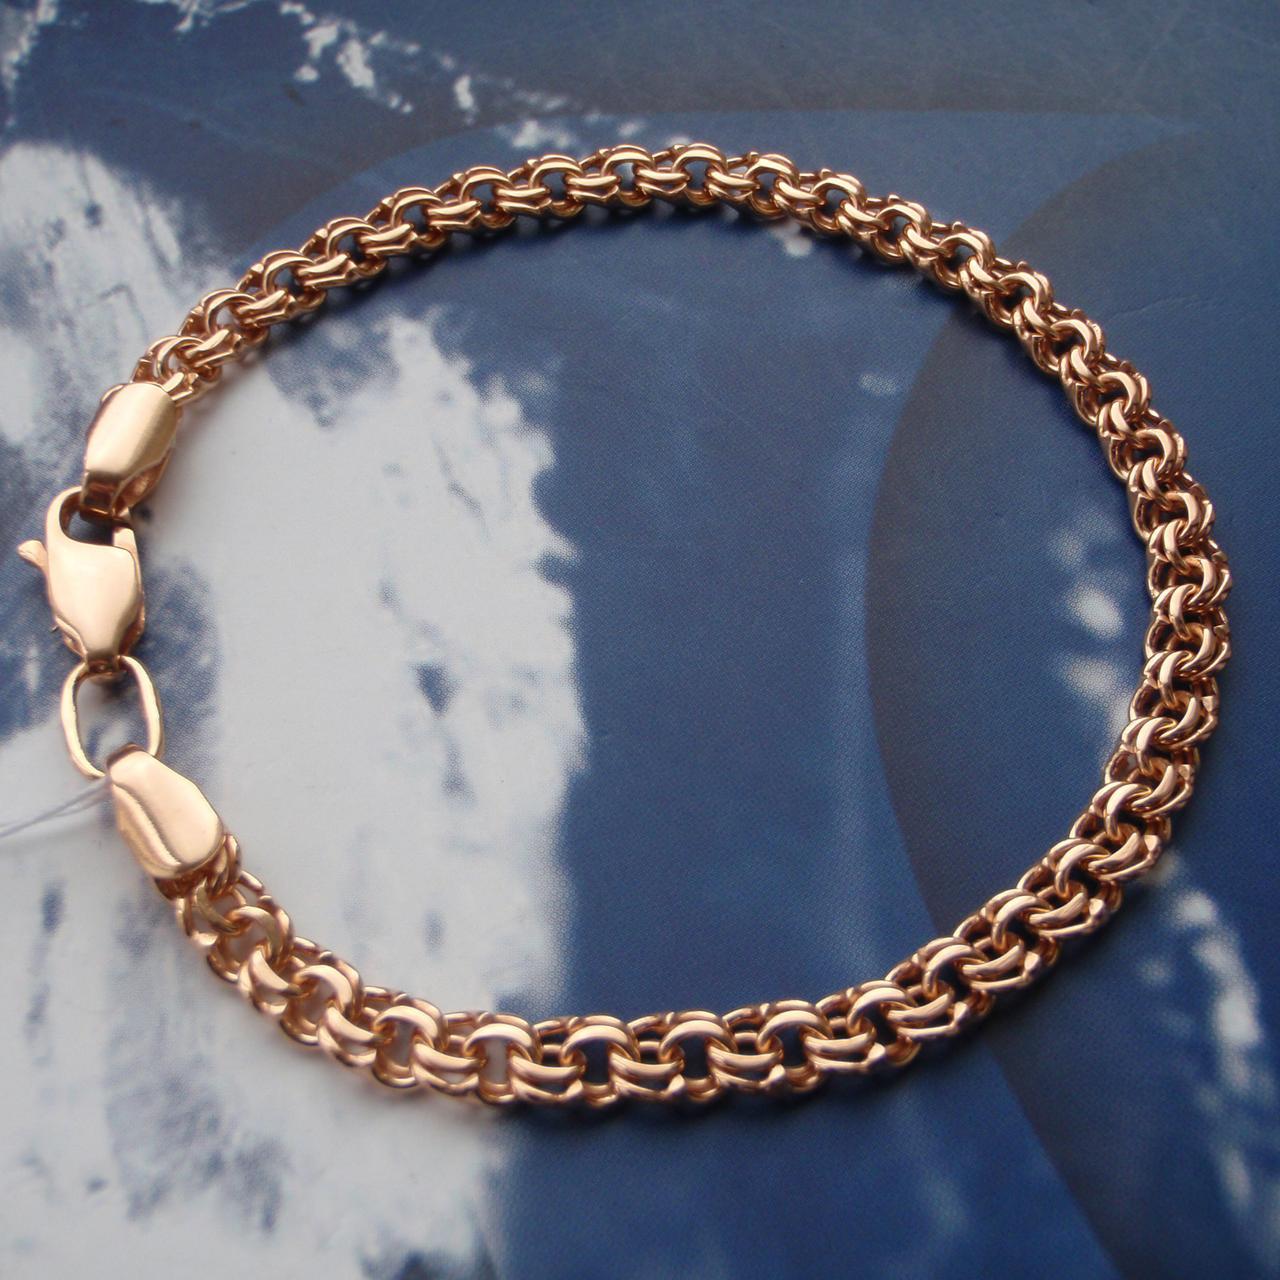 Срібний позолочений браслети, 195мм, 10 грам, плетіння Бісмарк